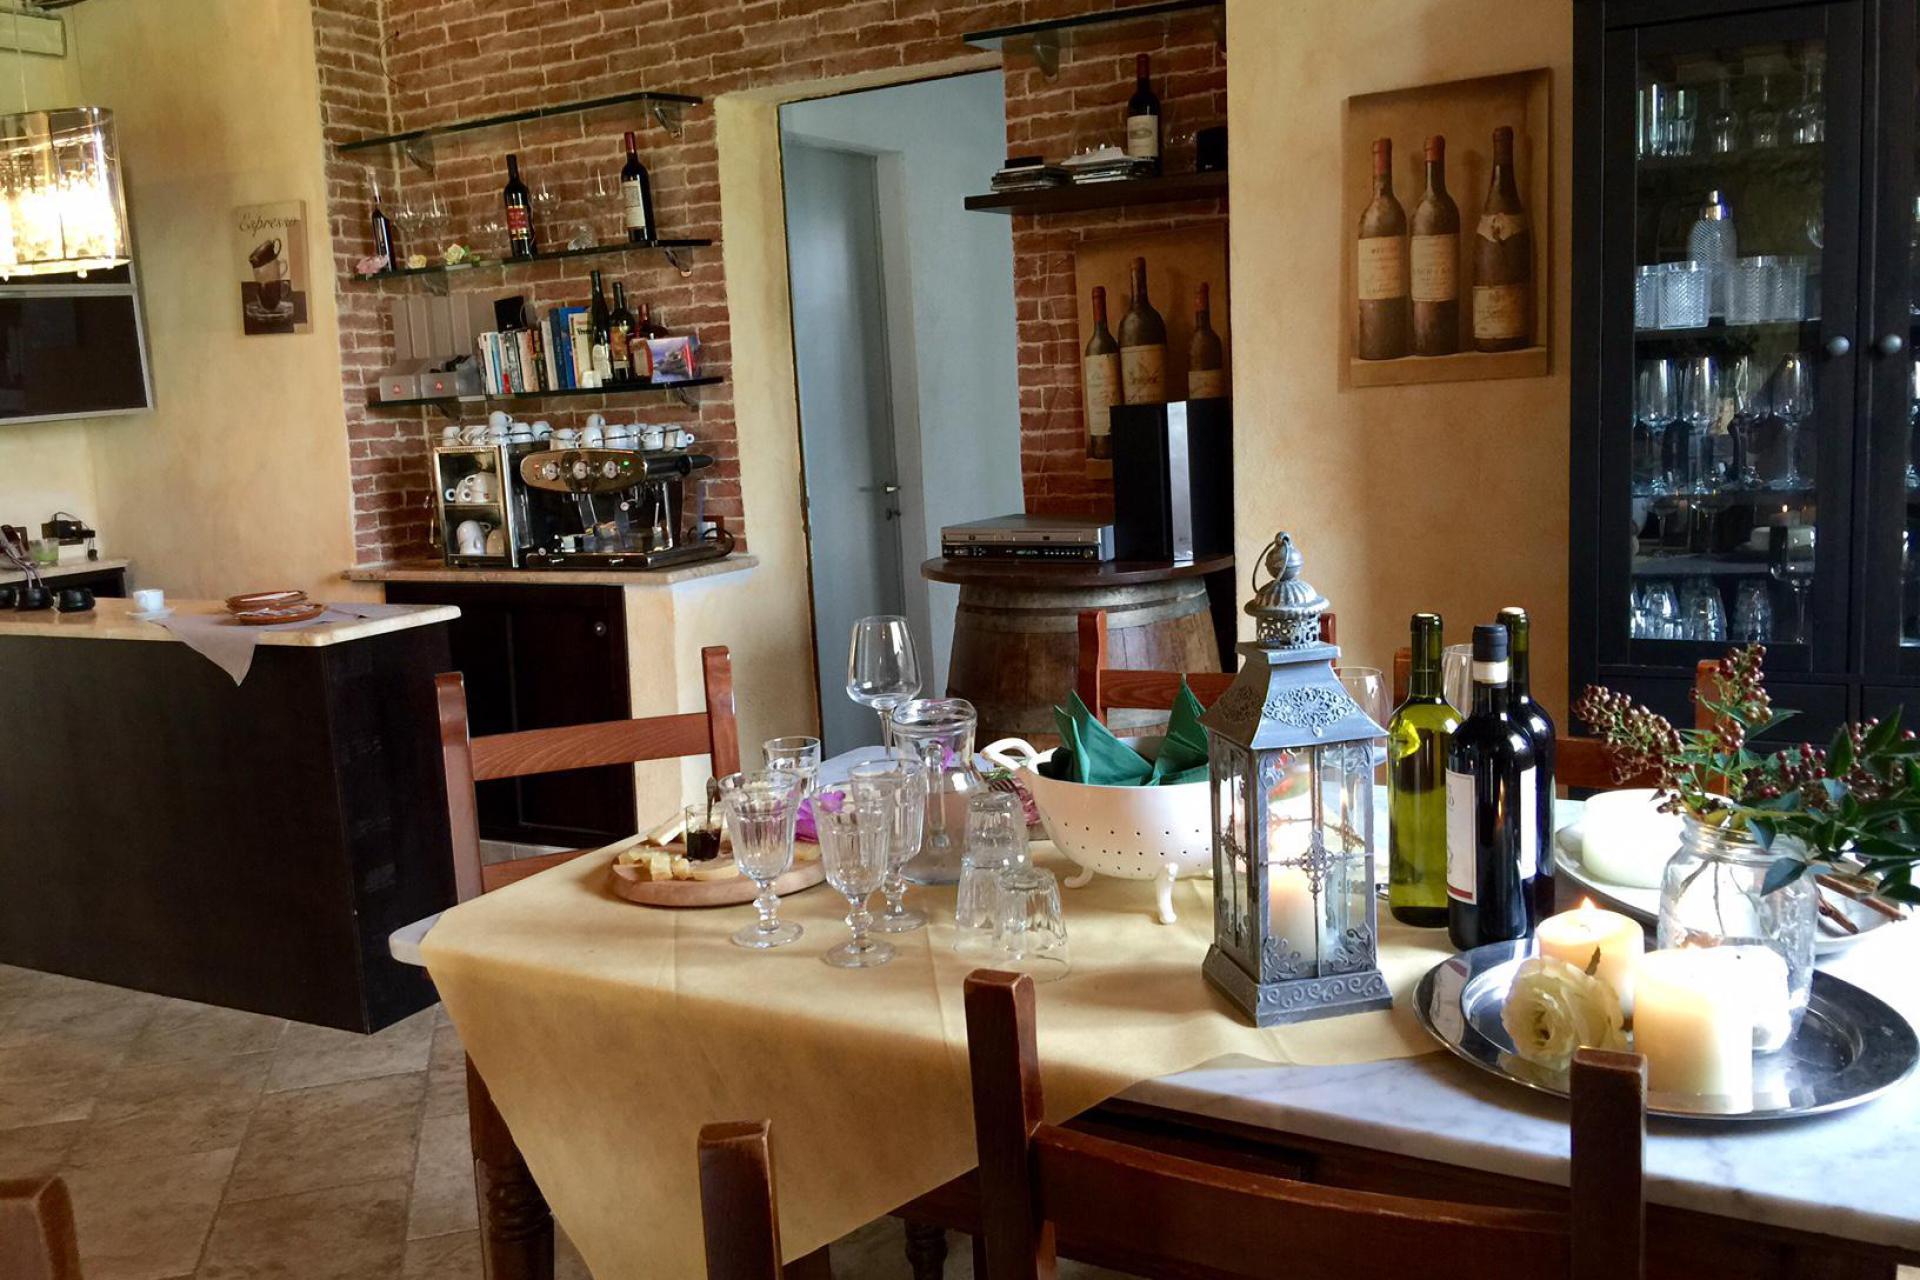 Agriturismo Toskana Agriturismo Toskana, familienfreundlich und zentral gelegen